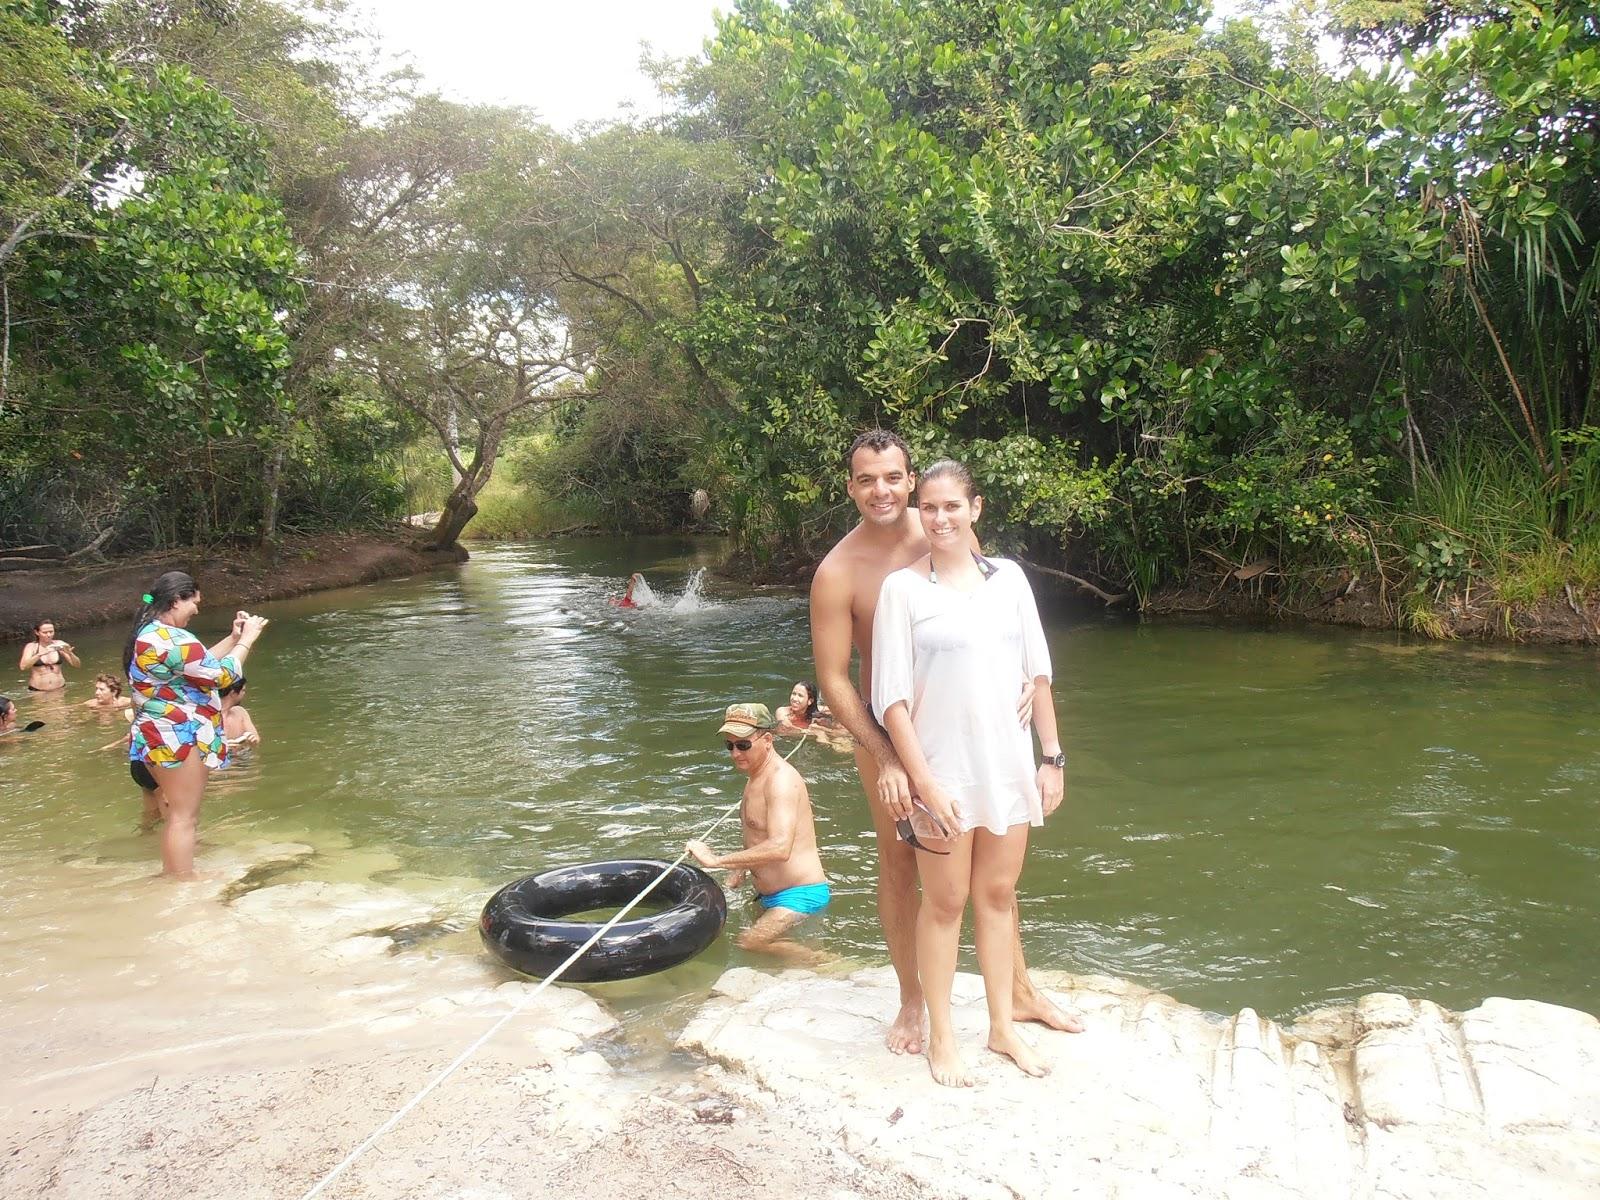 Boiacross - passeio pelo Rio Cardosa com uma boia